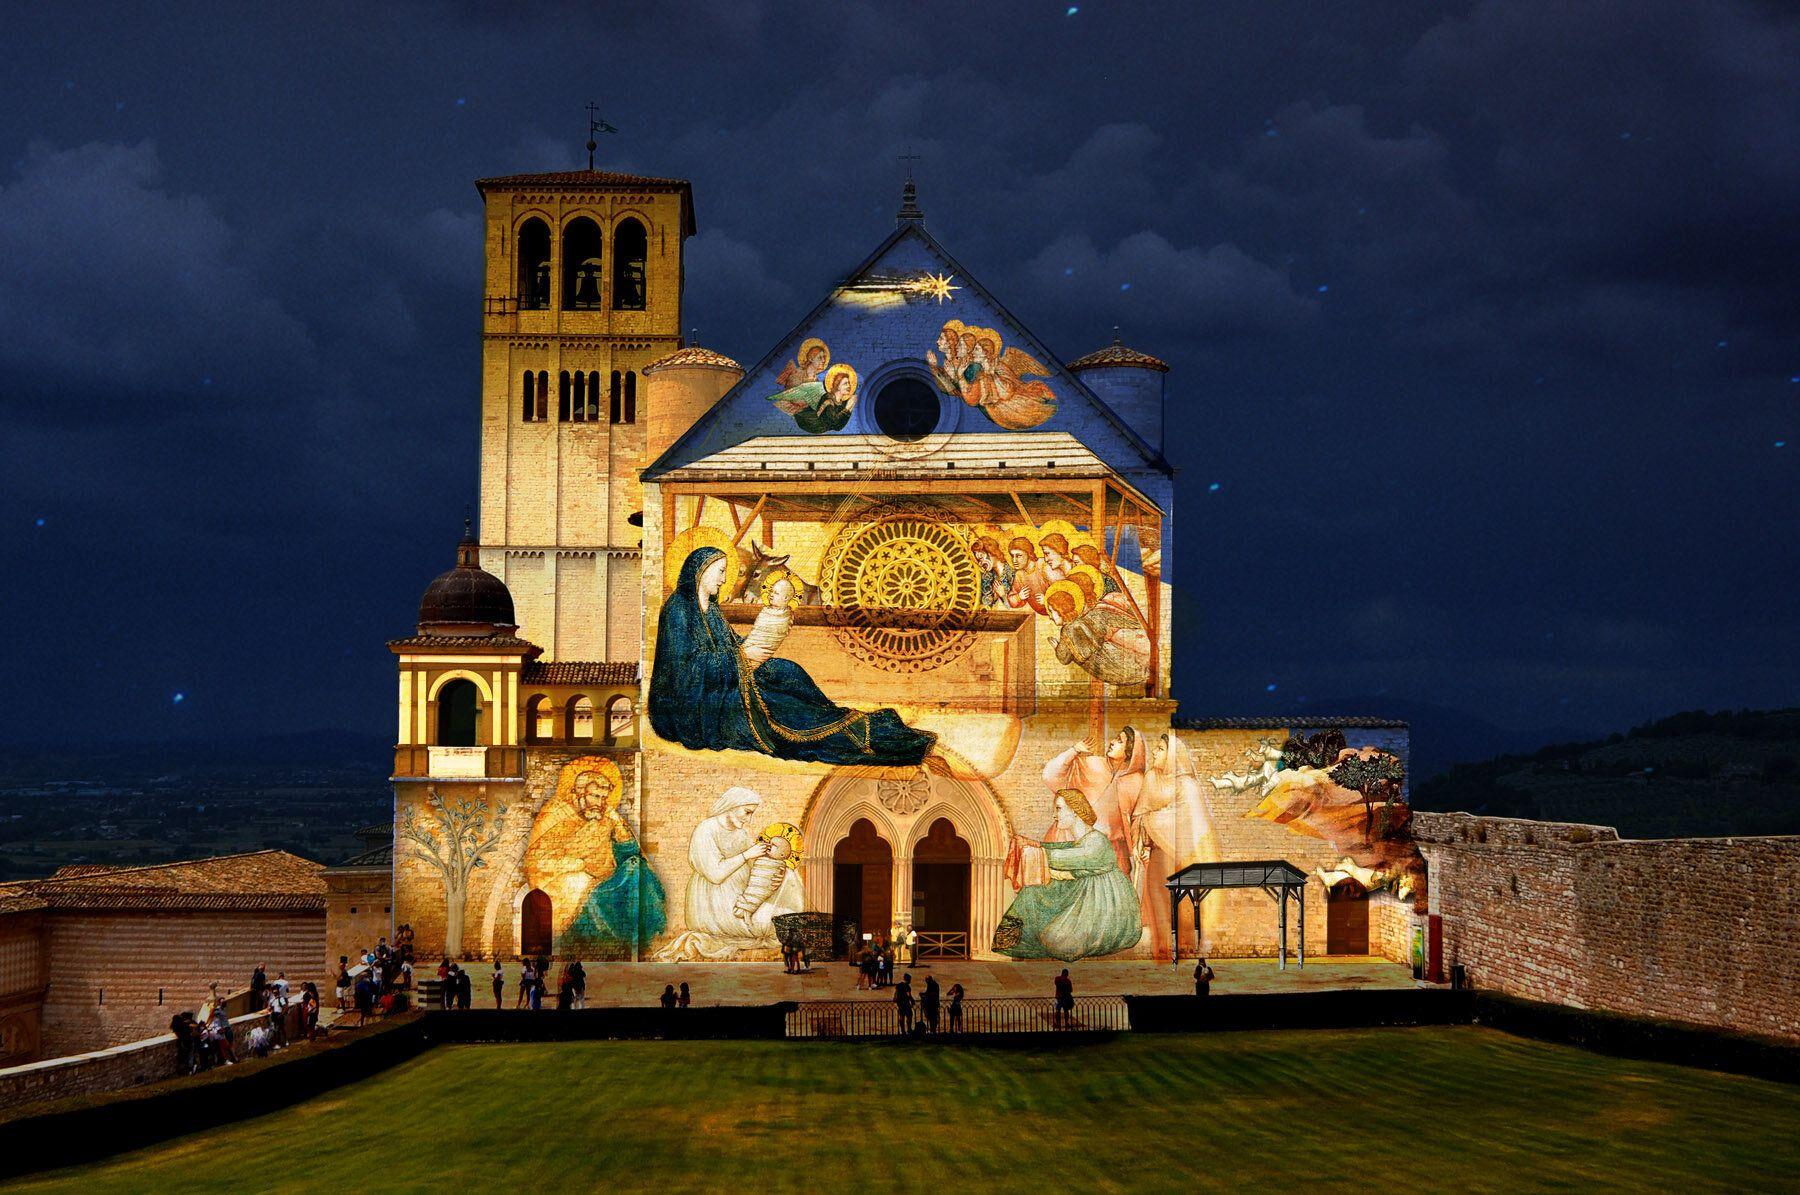 Assisi, per Natale videoproiezioni degli affreschi di Giotto sulla facciata della Basilica